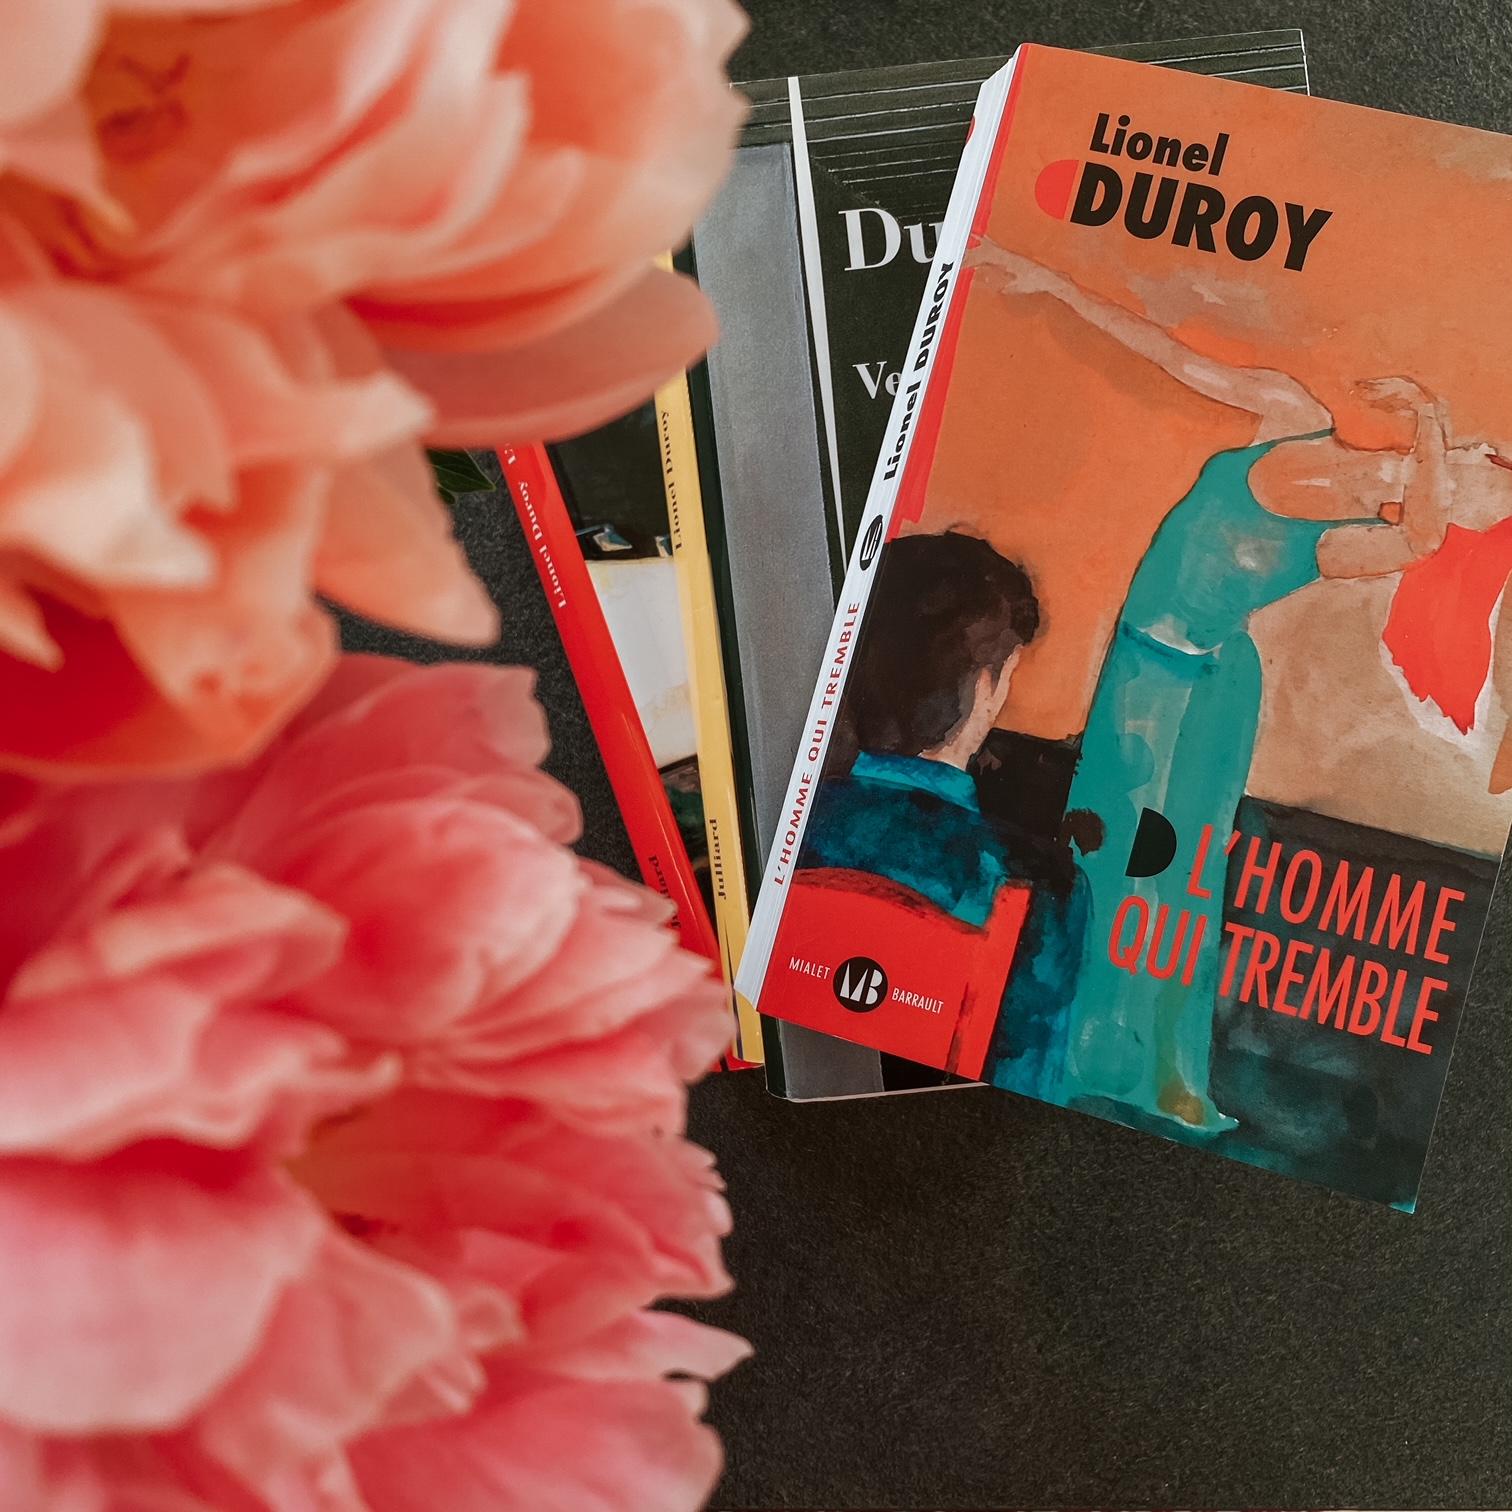 L'homme qui tremble, de Lionel Duroy : vulnérabilité